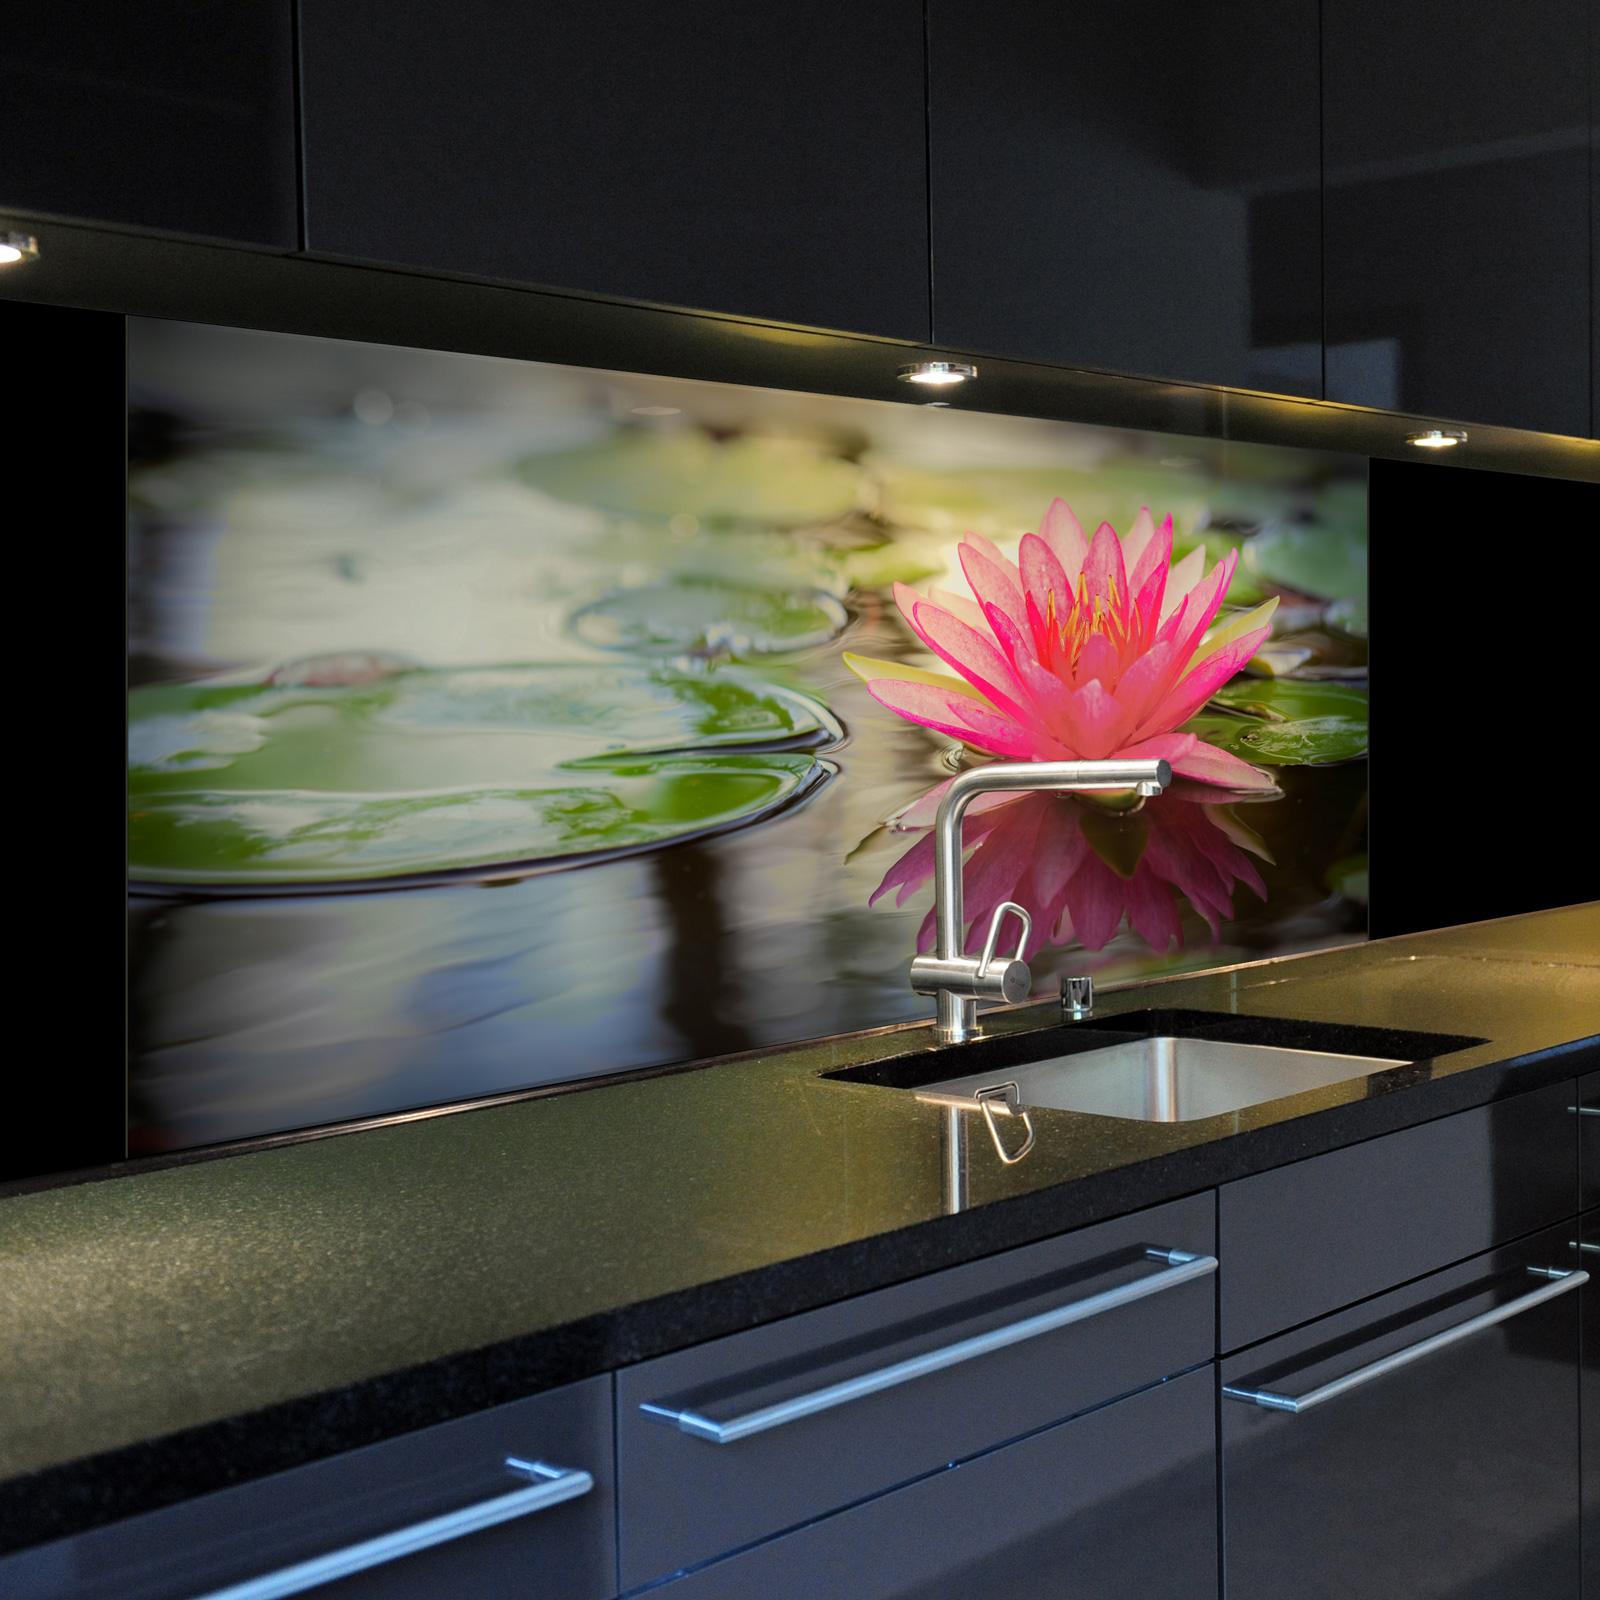 spritzschutzwand aus glas 1023-1-gb motiv seerose 4 für ihre küche